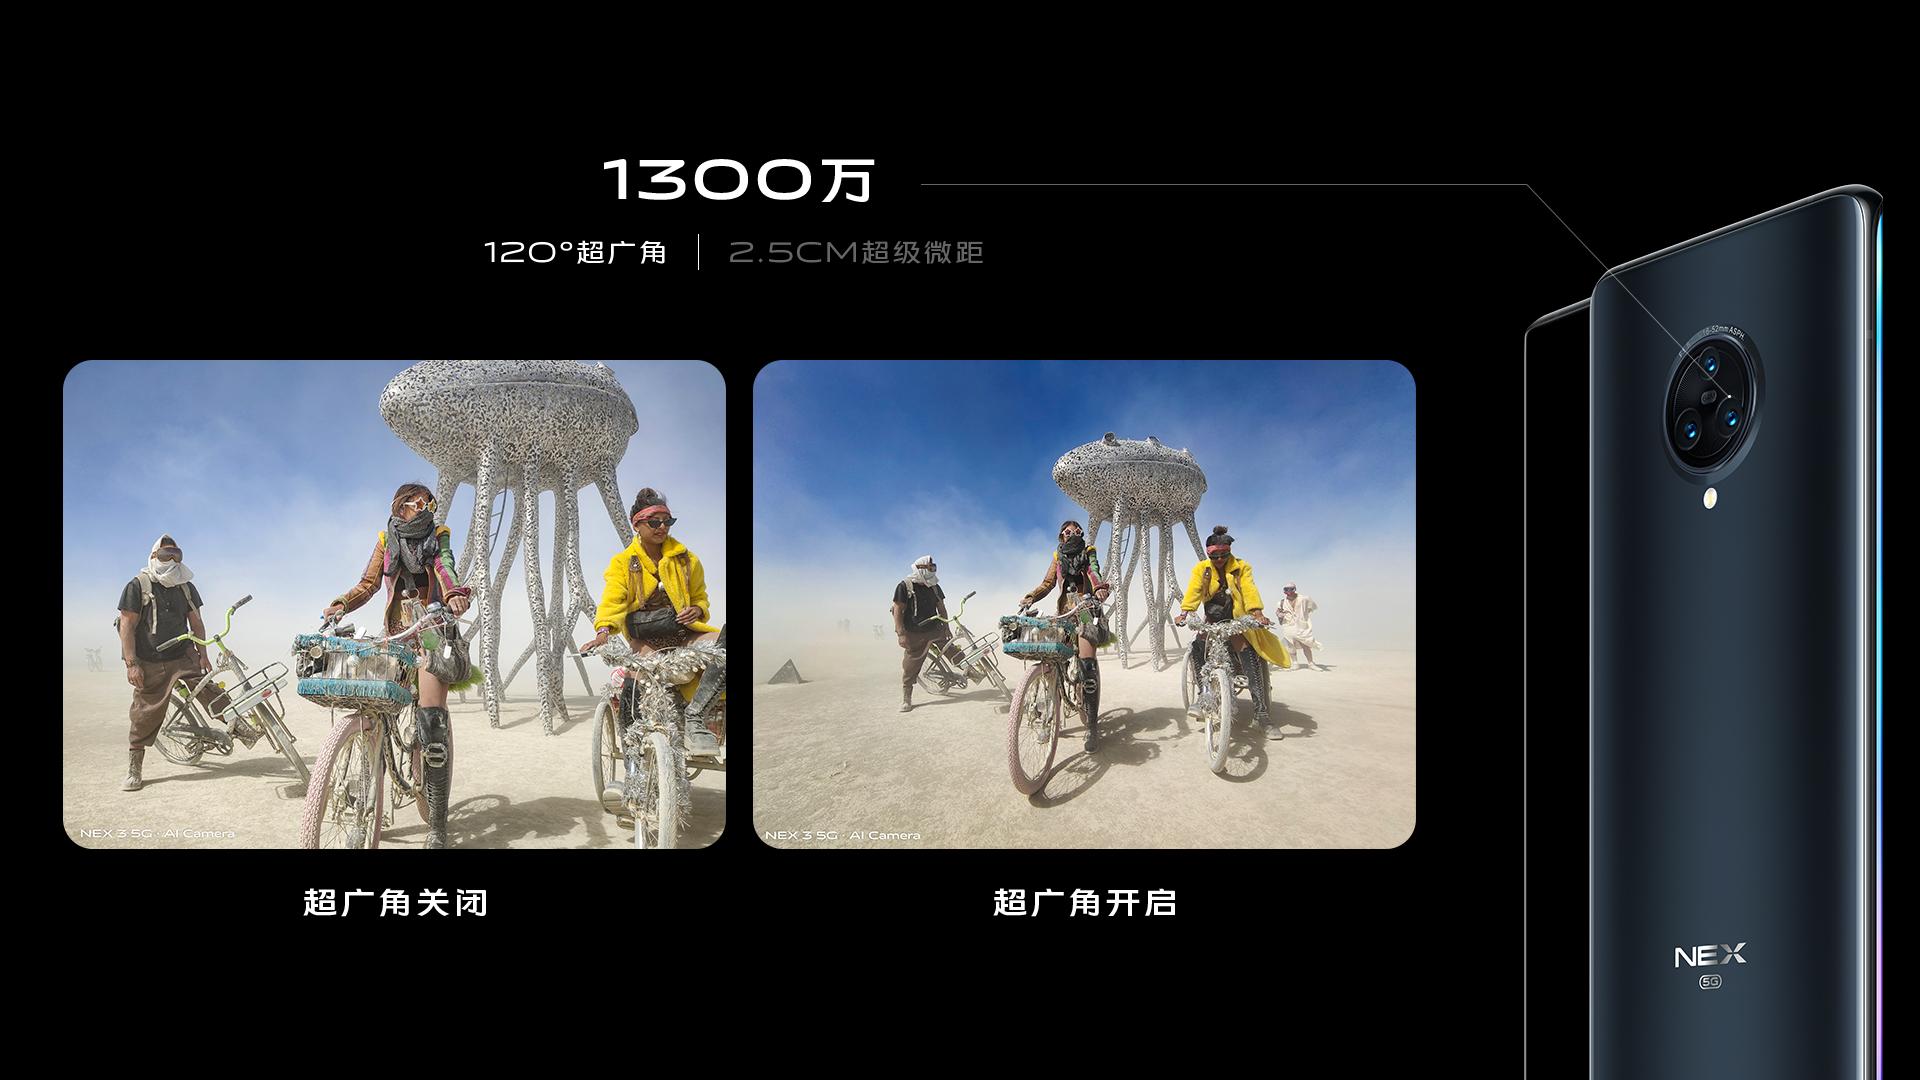 15-120超广角.jpg